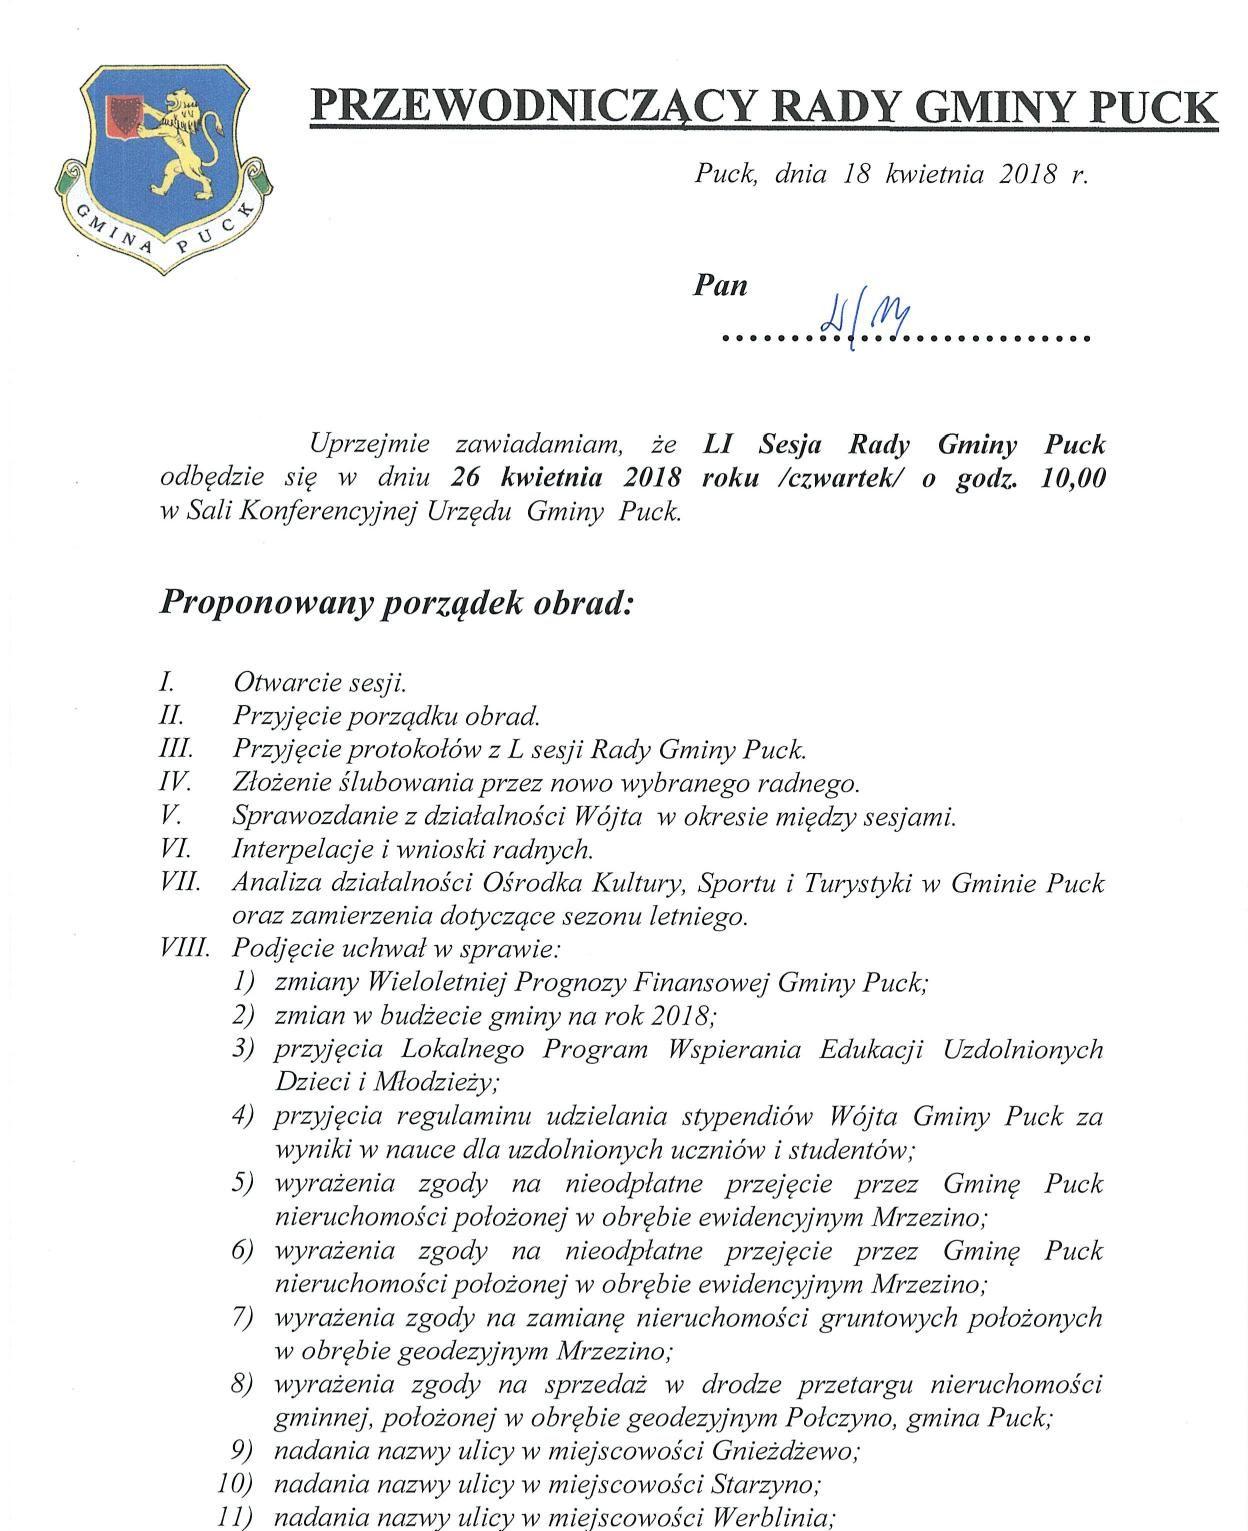 Proponowany porządek obrad LI sesji Rady Gminy Puck - dnia 26 kwietnia 2018 roku_01